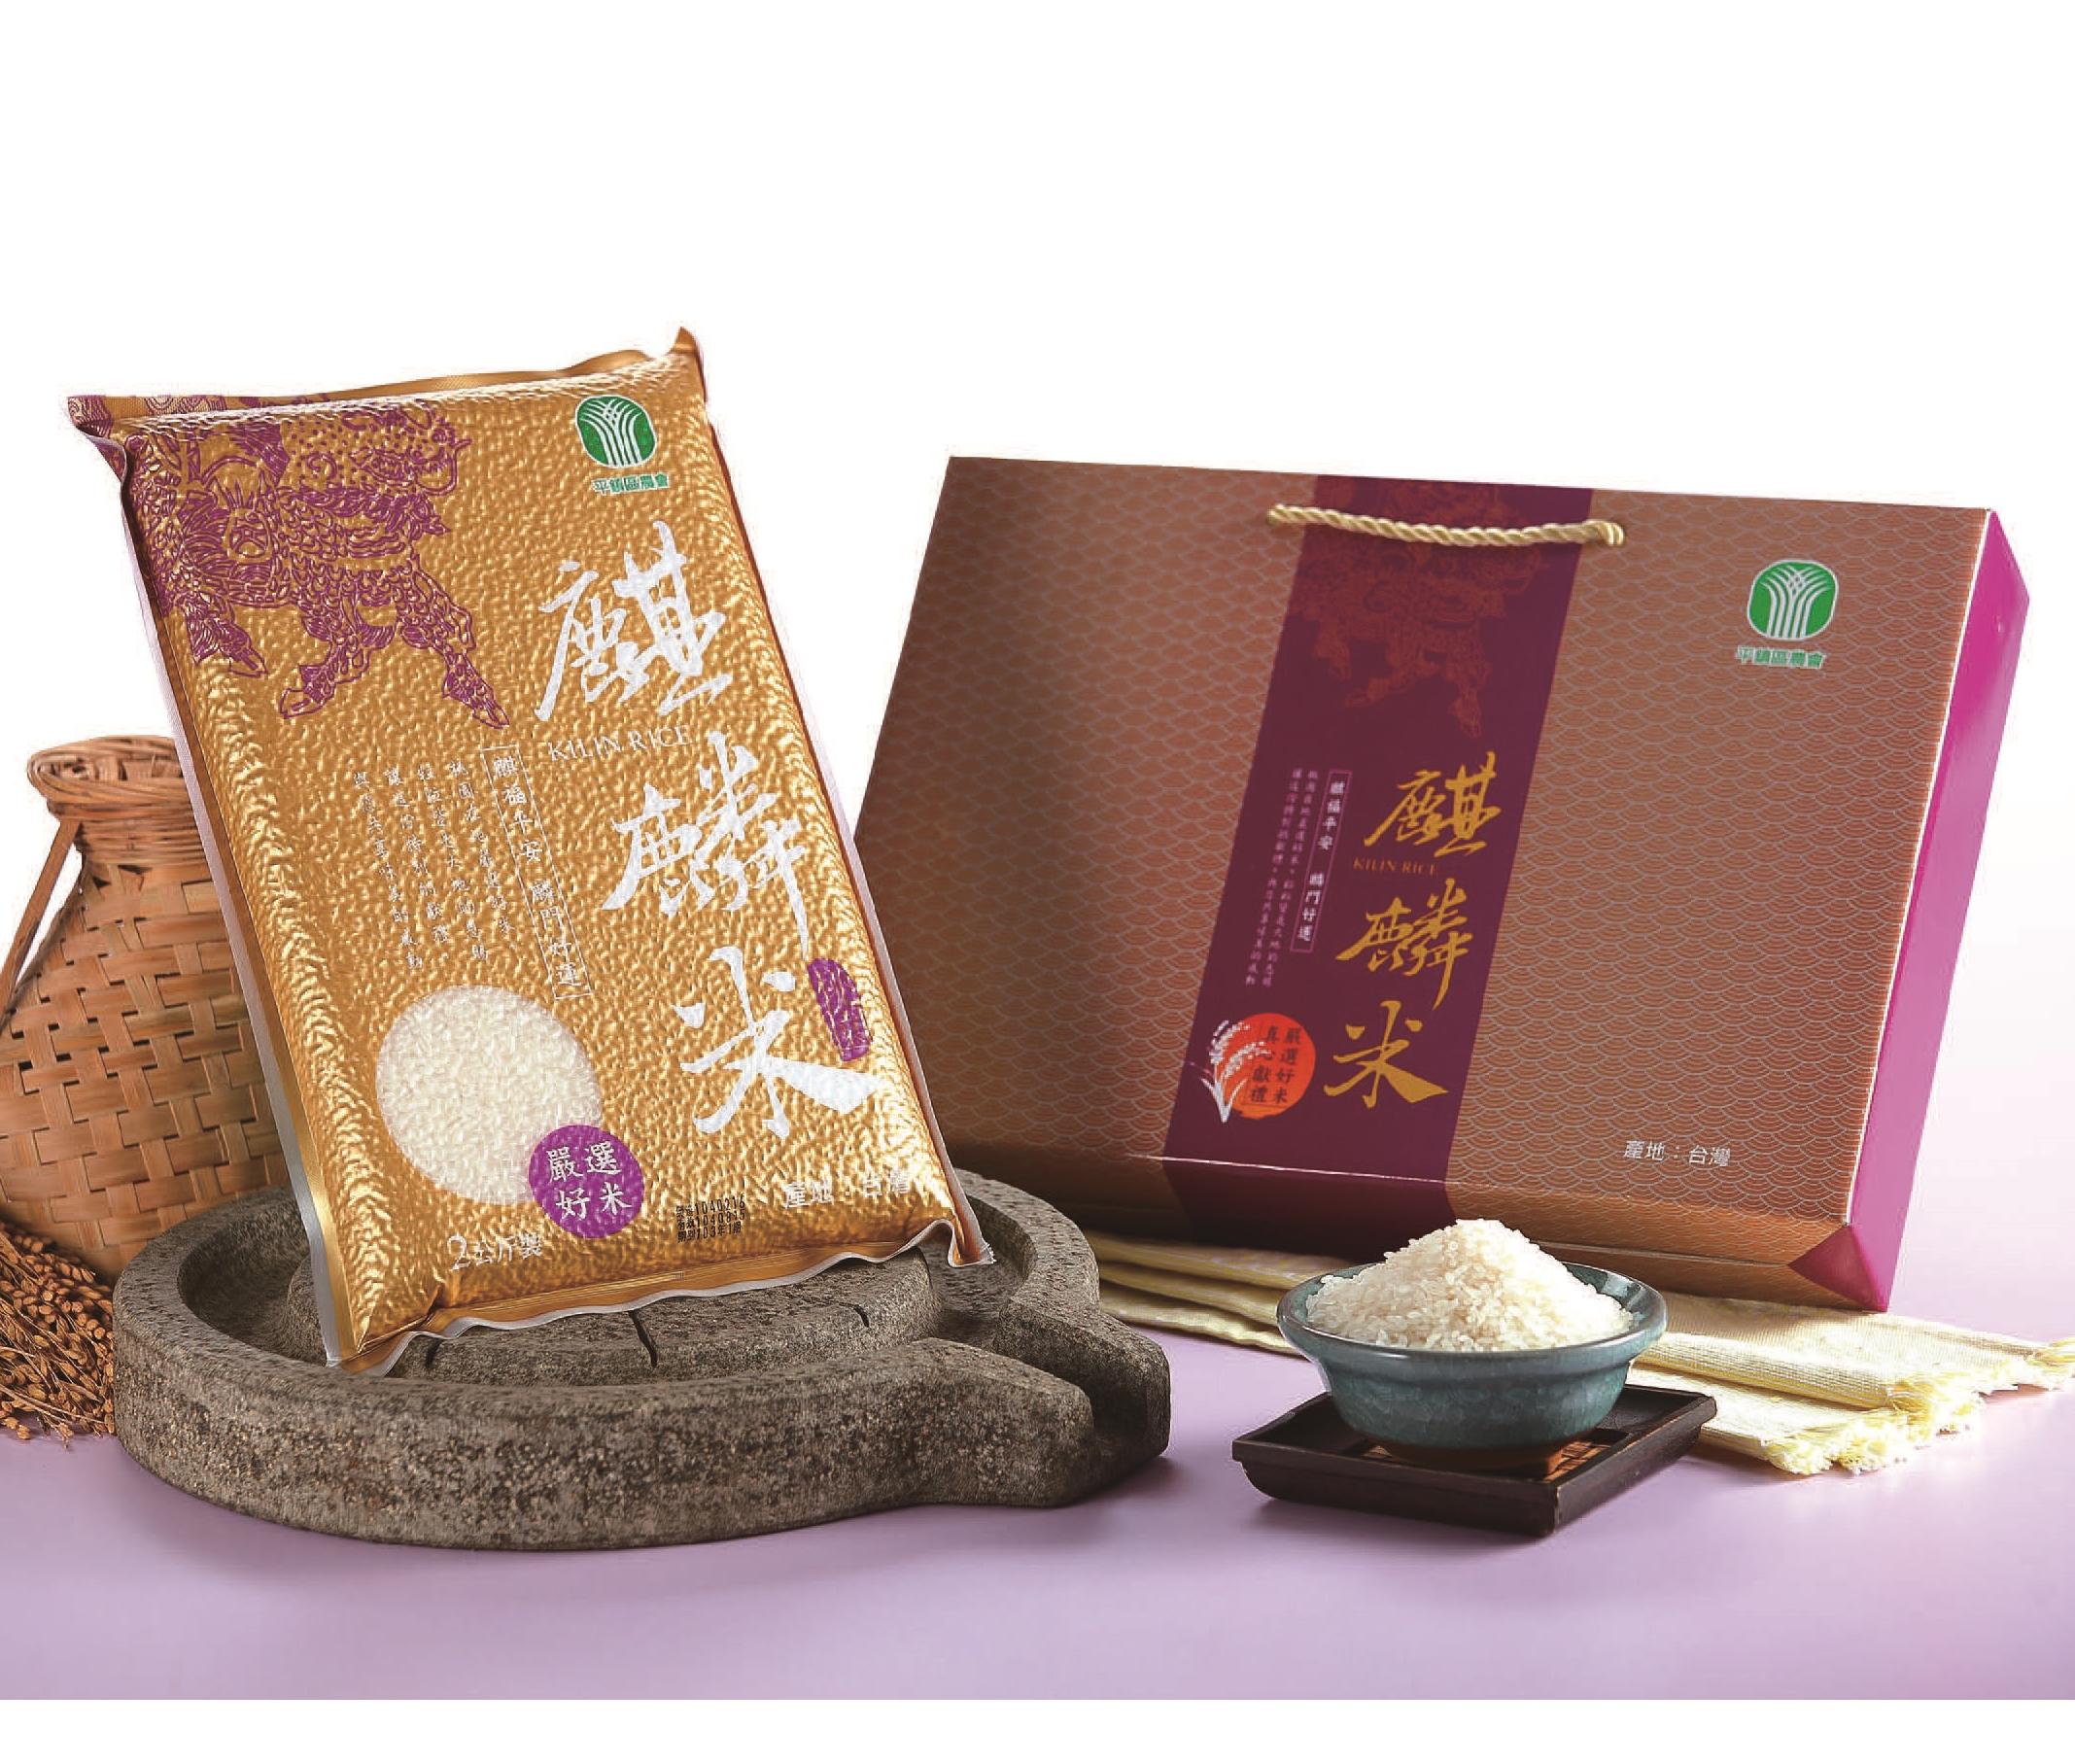 平鎮區品牌米-麒麟米照片